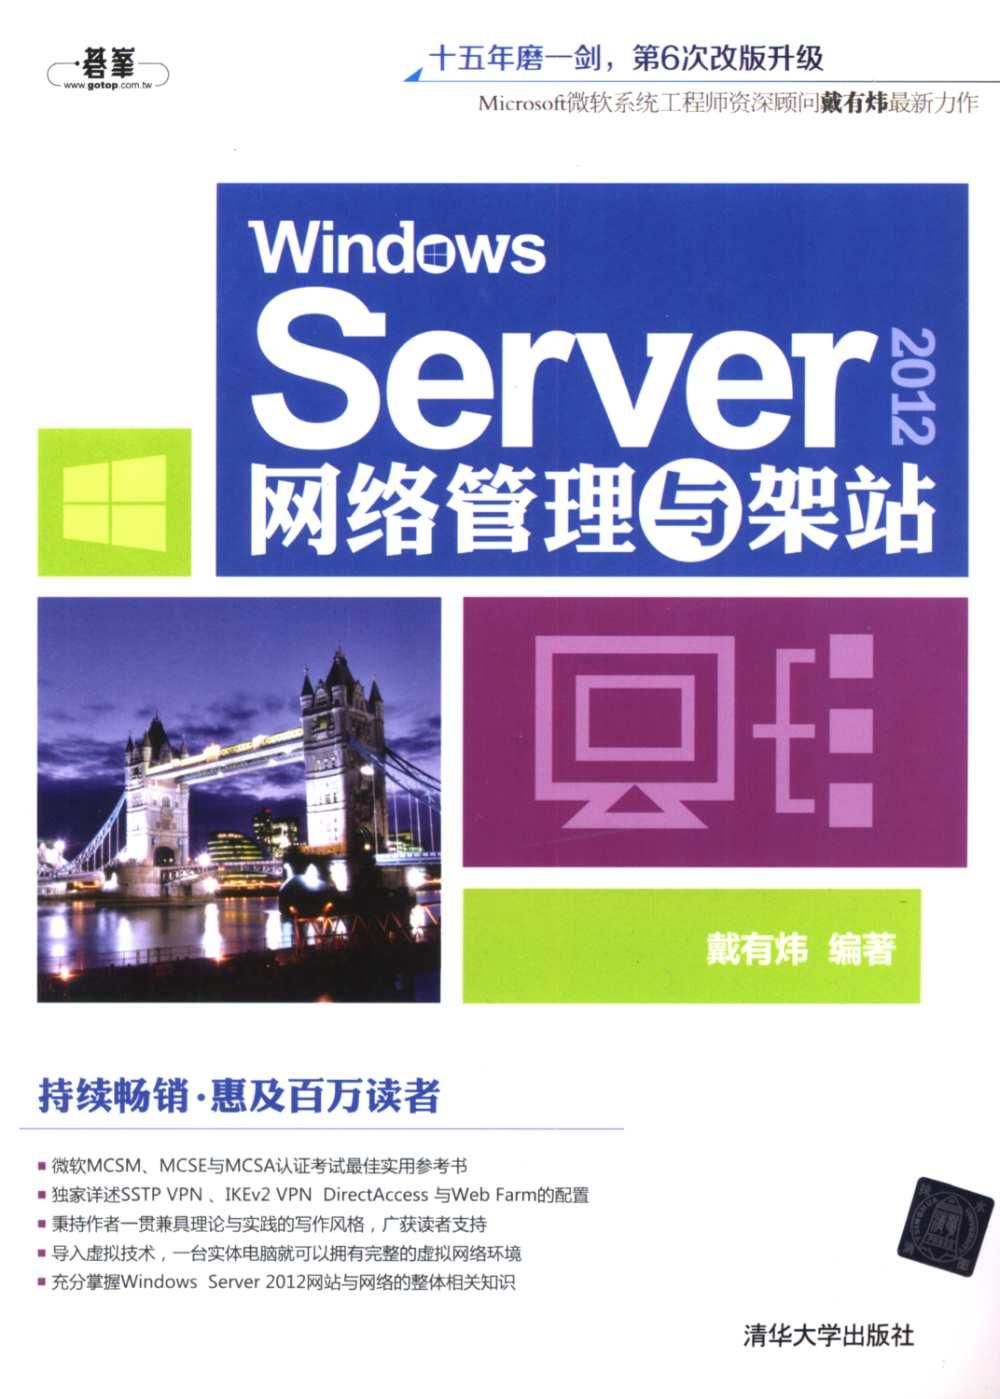 Windows Server 2012網絡管理與架站